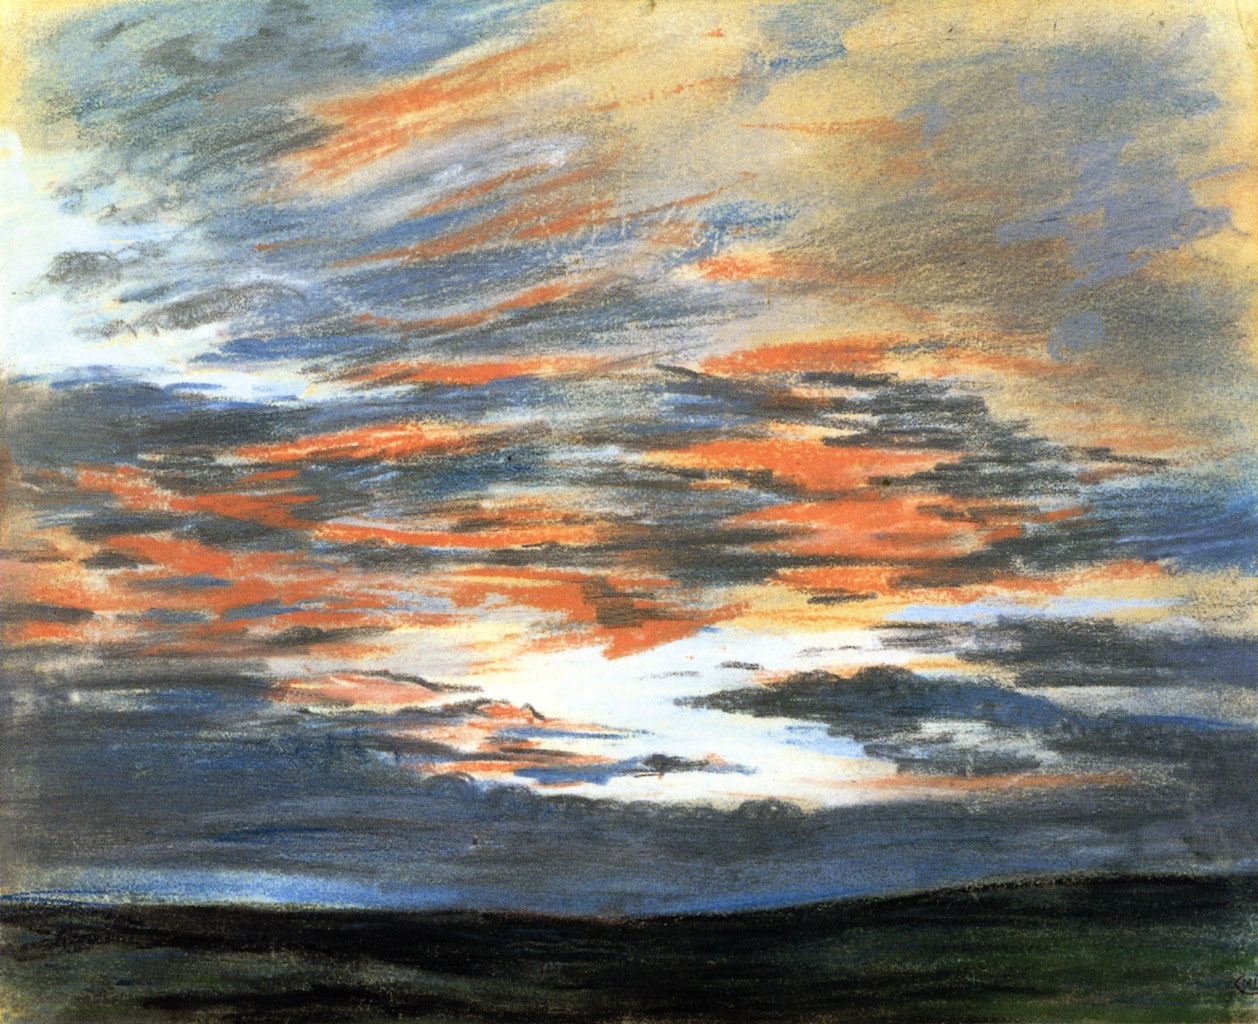 Делакруа Delacroix рисунок Sky at Sunset пастель пейзажи природы Альберт Сафиуллин